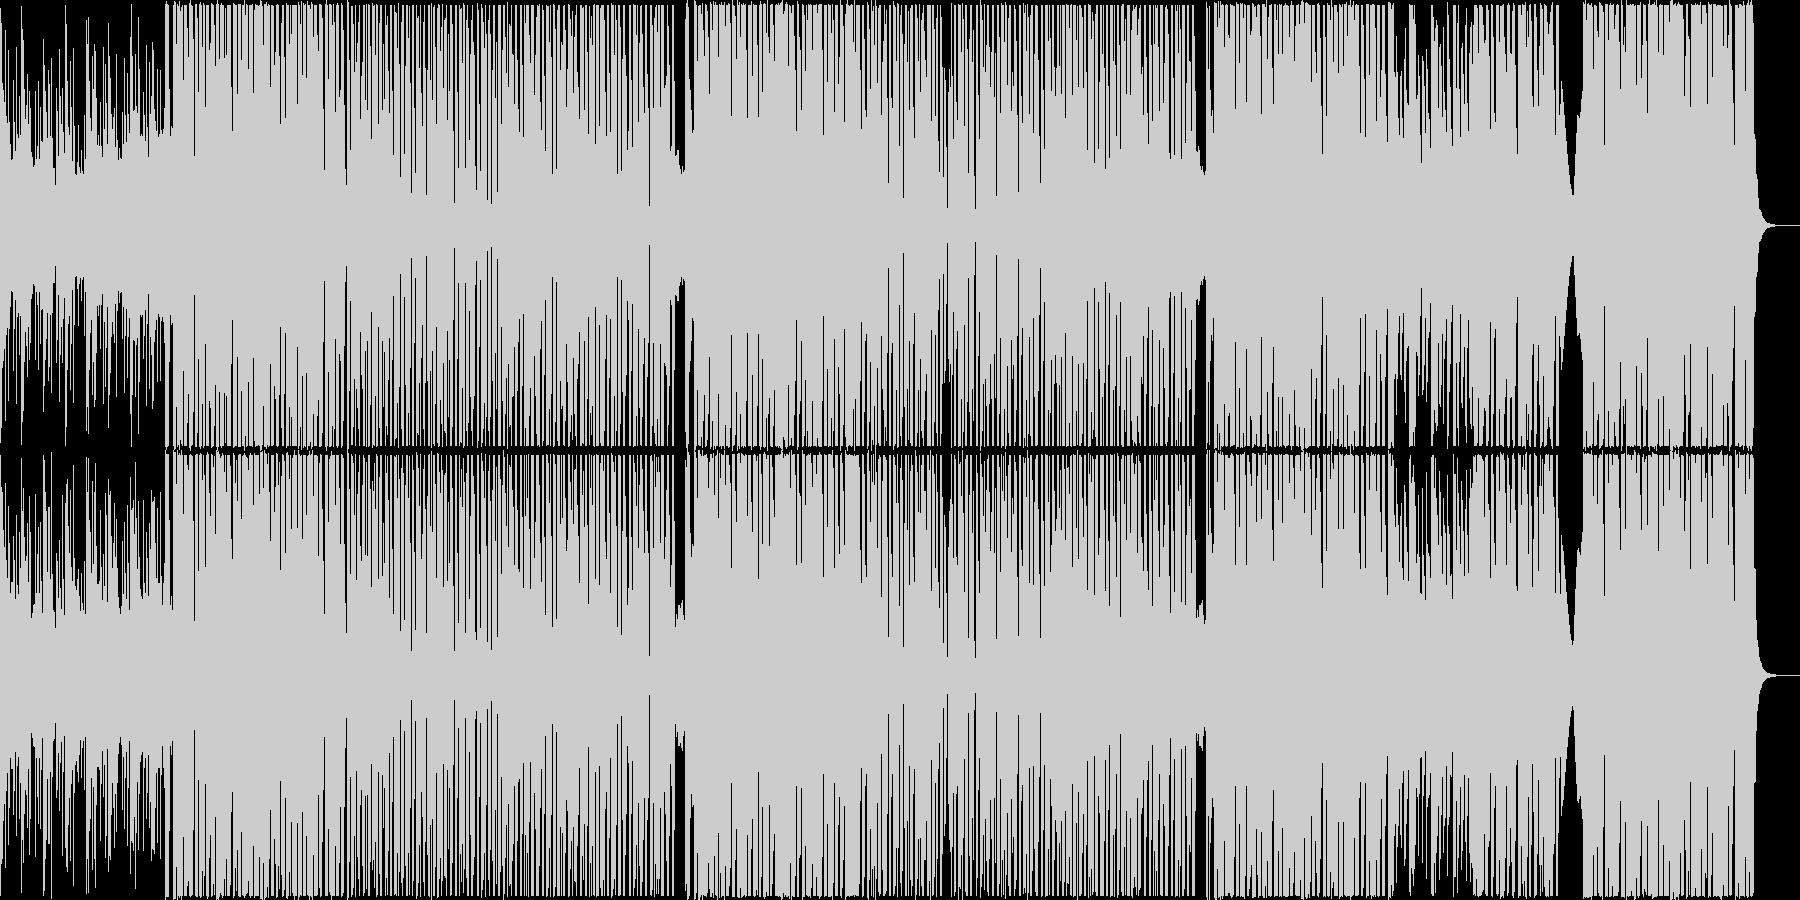 ヨガや筋トレに映える爽やかなBGMの未再生の波形